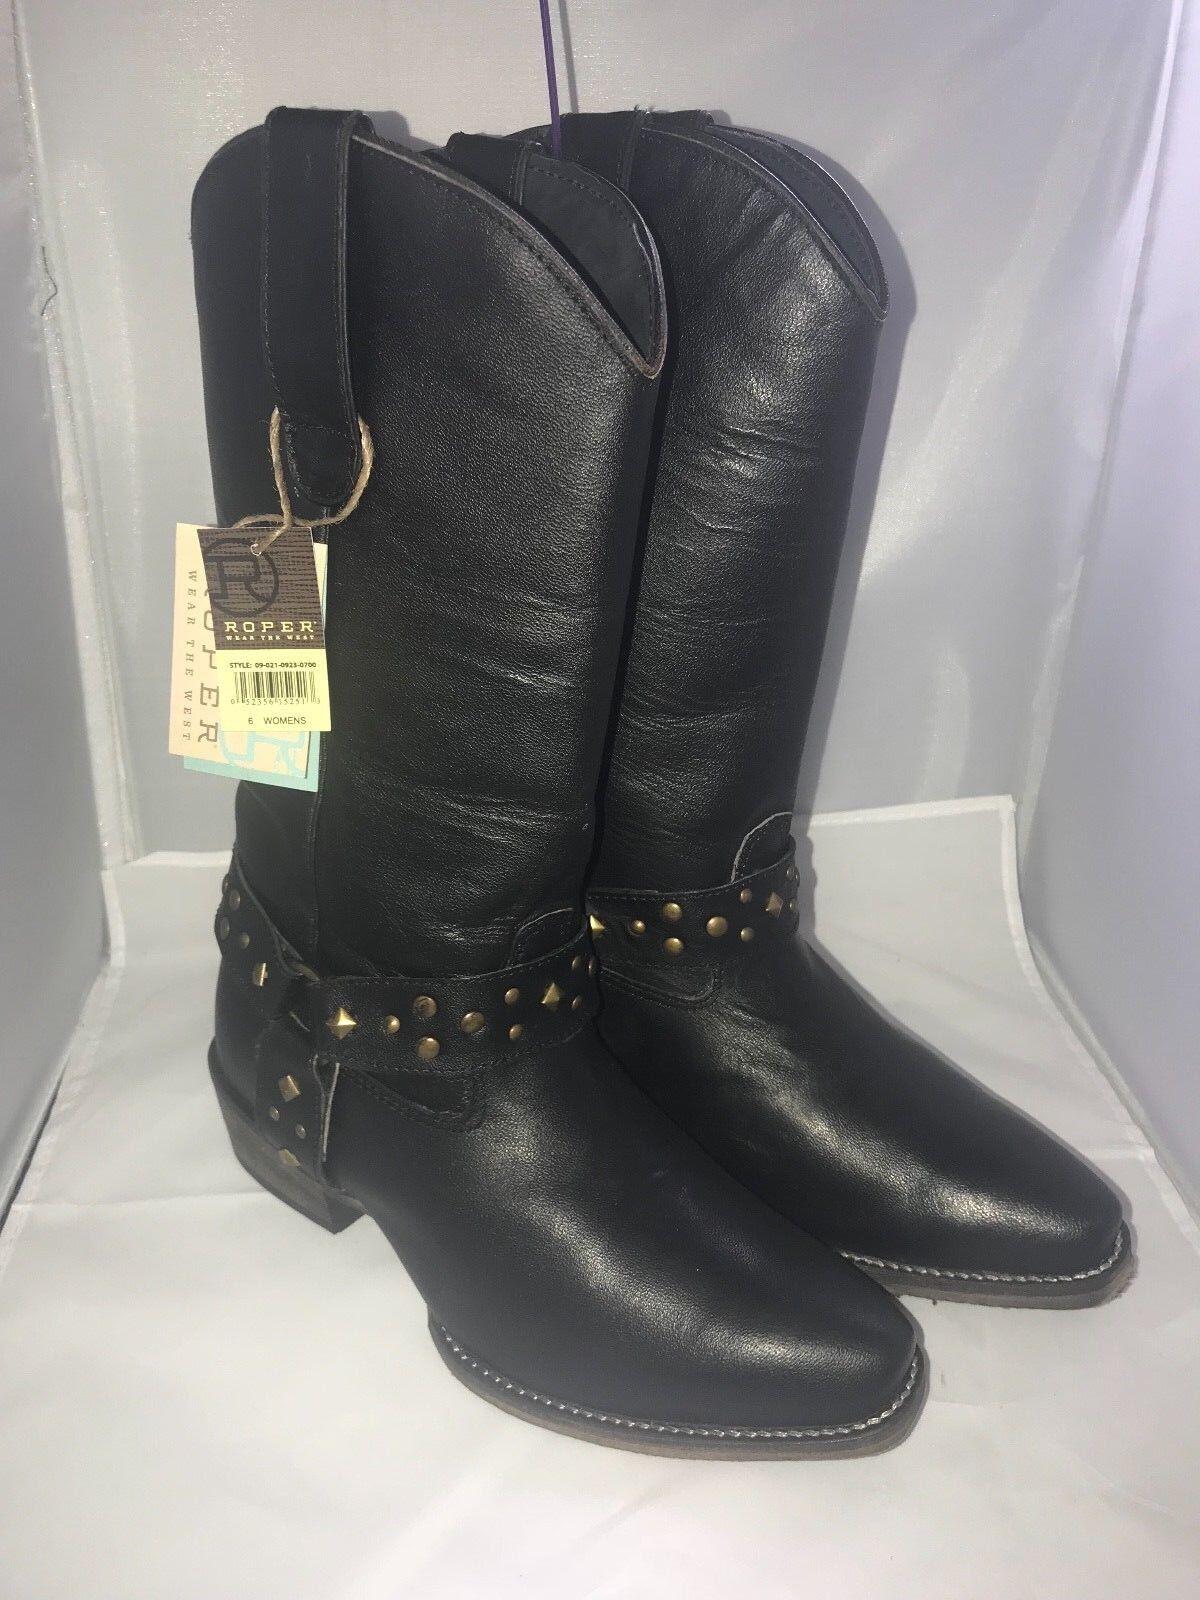 per poco costoso ROPER Studded Belt Donna  Western Western Western stivali NEW nero Leather Dimensione 6 M  risparmia fino al 50%